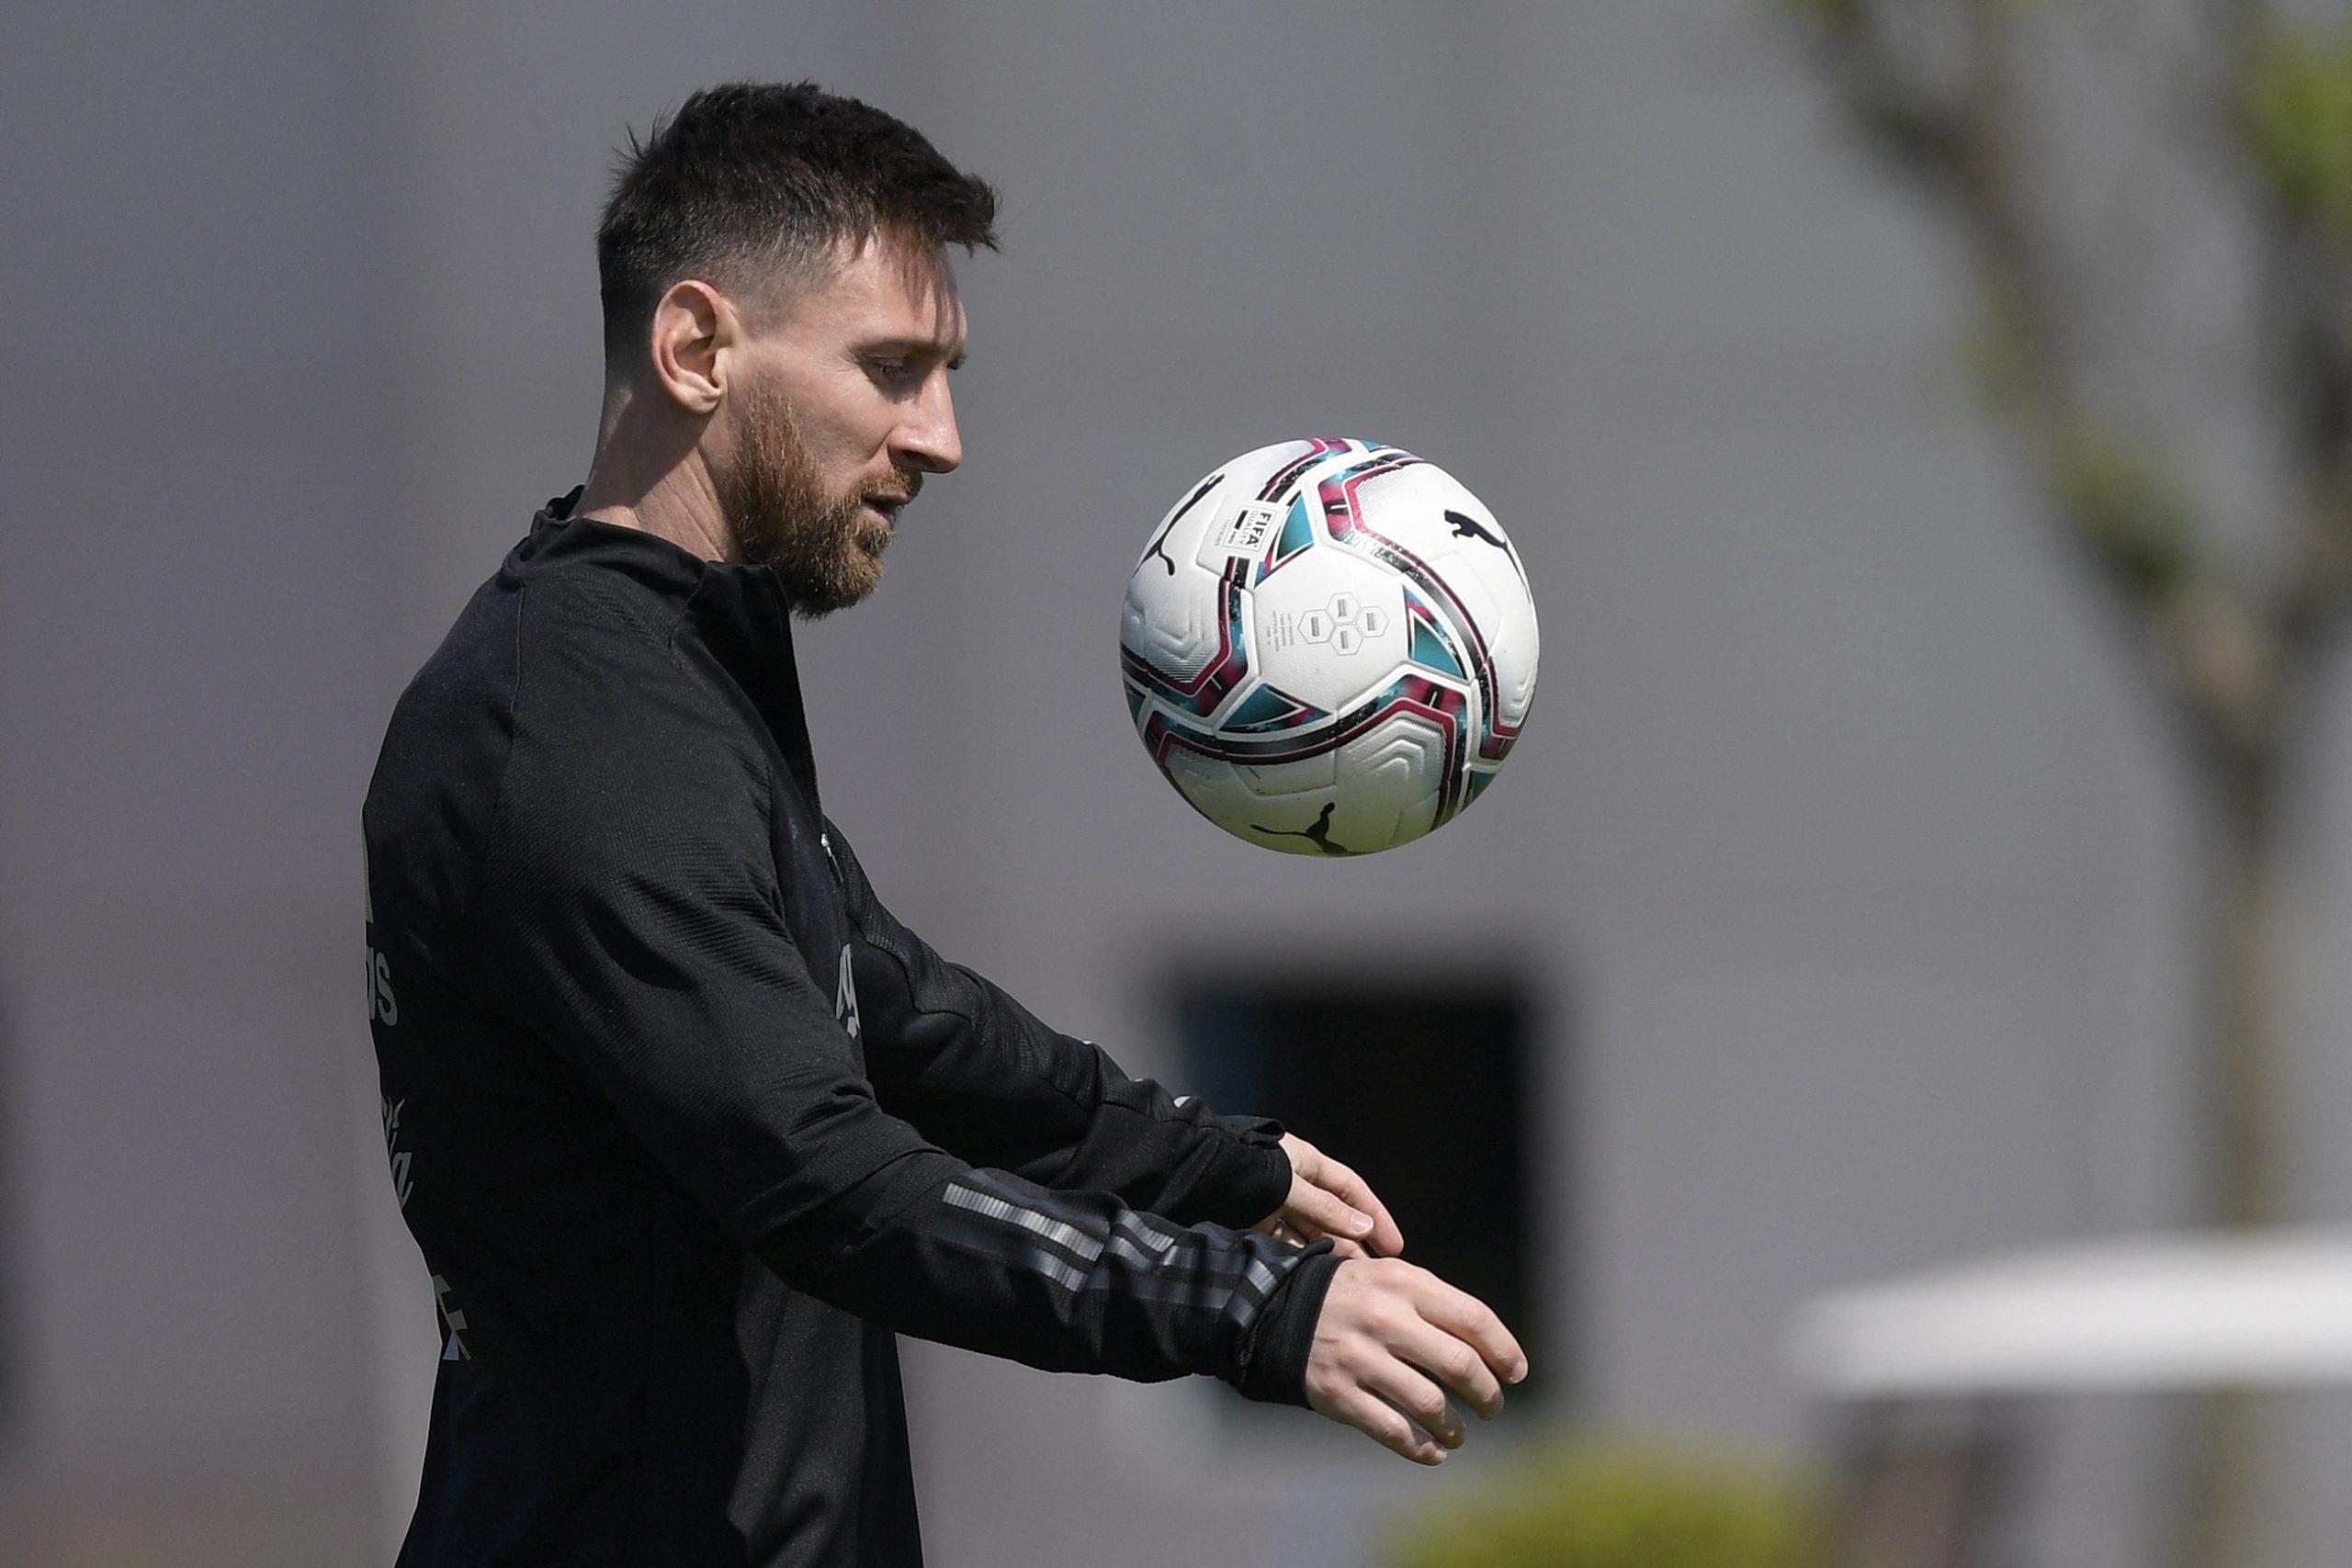 Argentina jugará contra Paraguay con Messi y artillería pesada - Prensa Libre